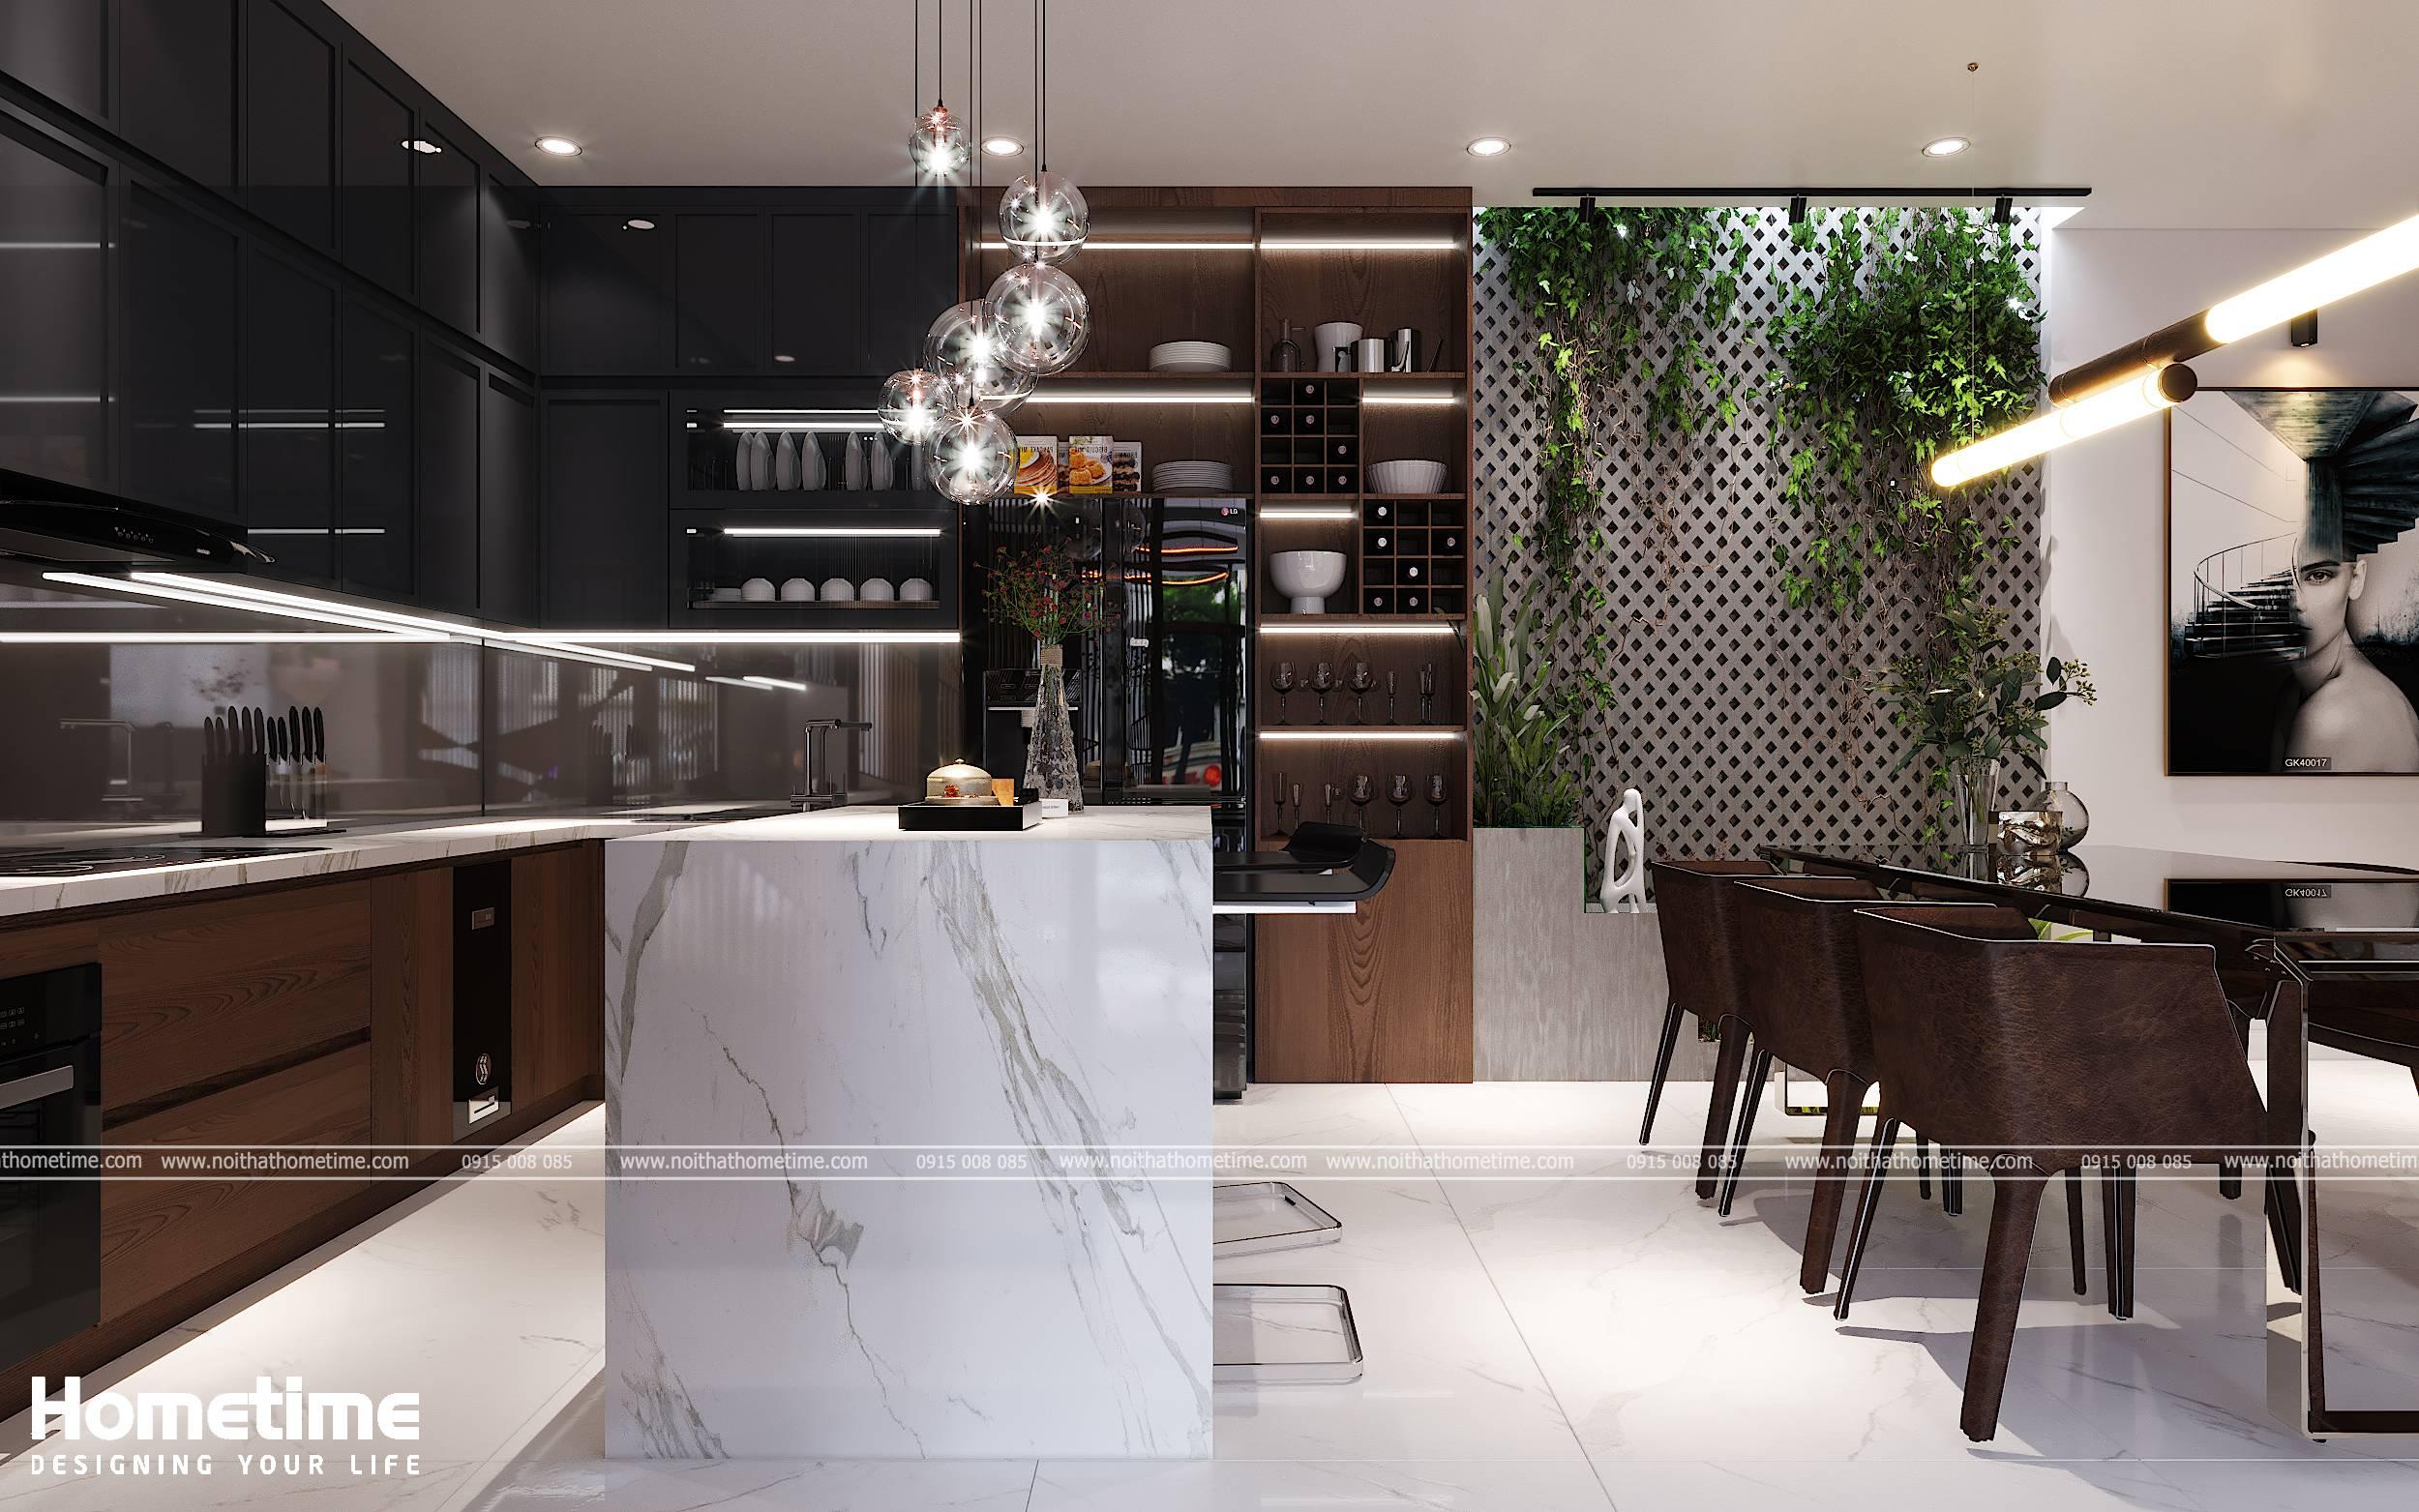 Hình ảnh nhà bếp và nhà ăn biệt thự nhà phố nhà anh Thành